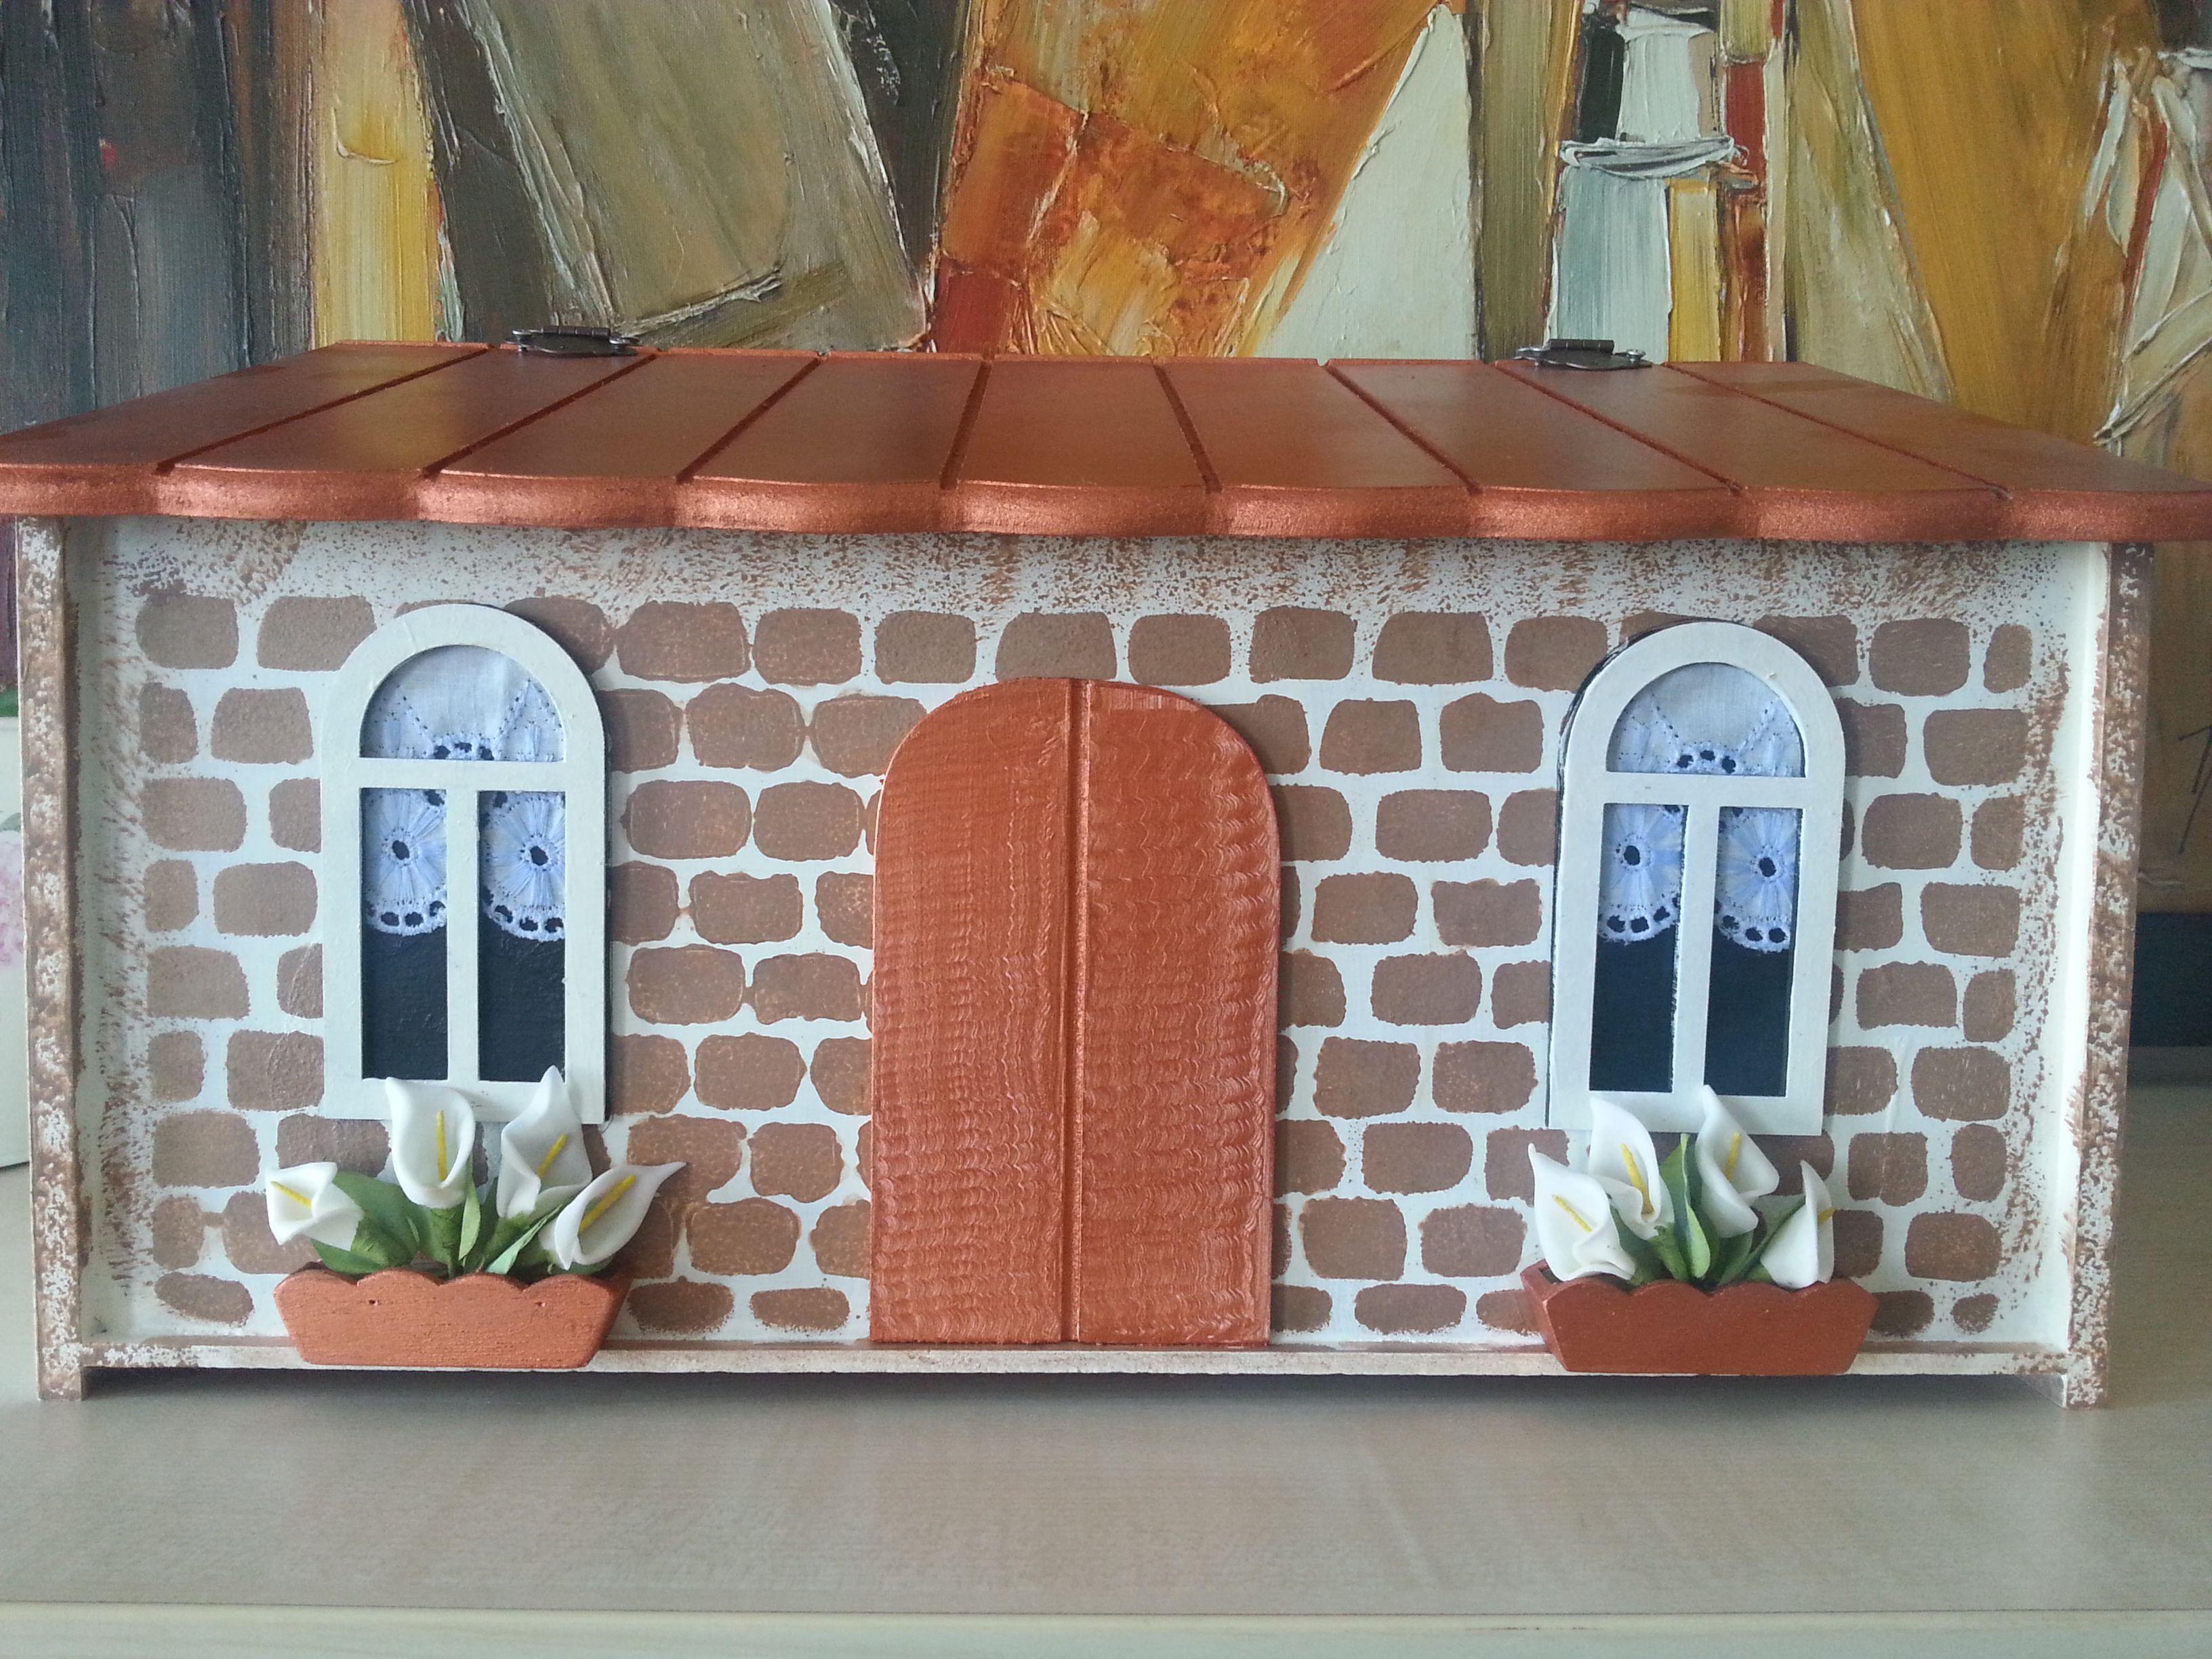 Ahsap Boyama Ekmek Kutusu Renkler Evler Sanat Ve Elisleri